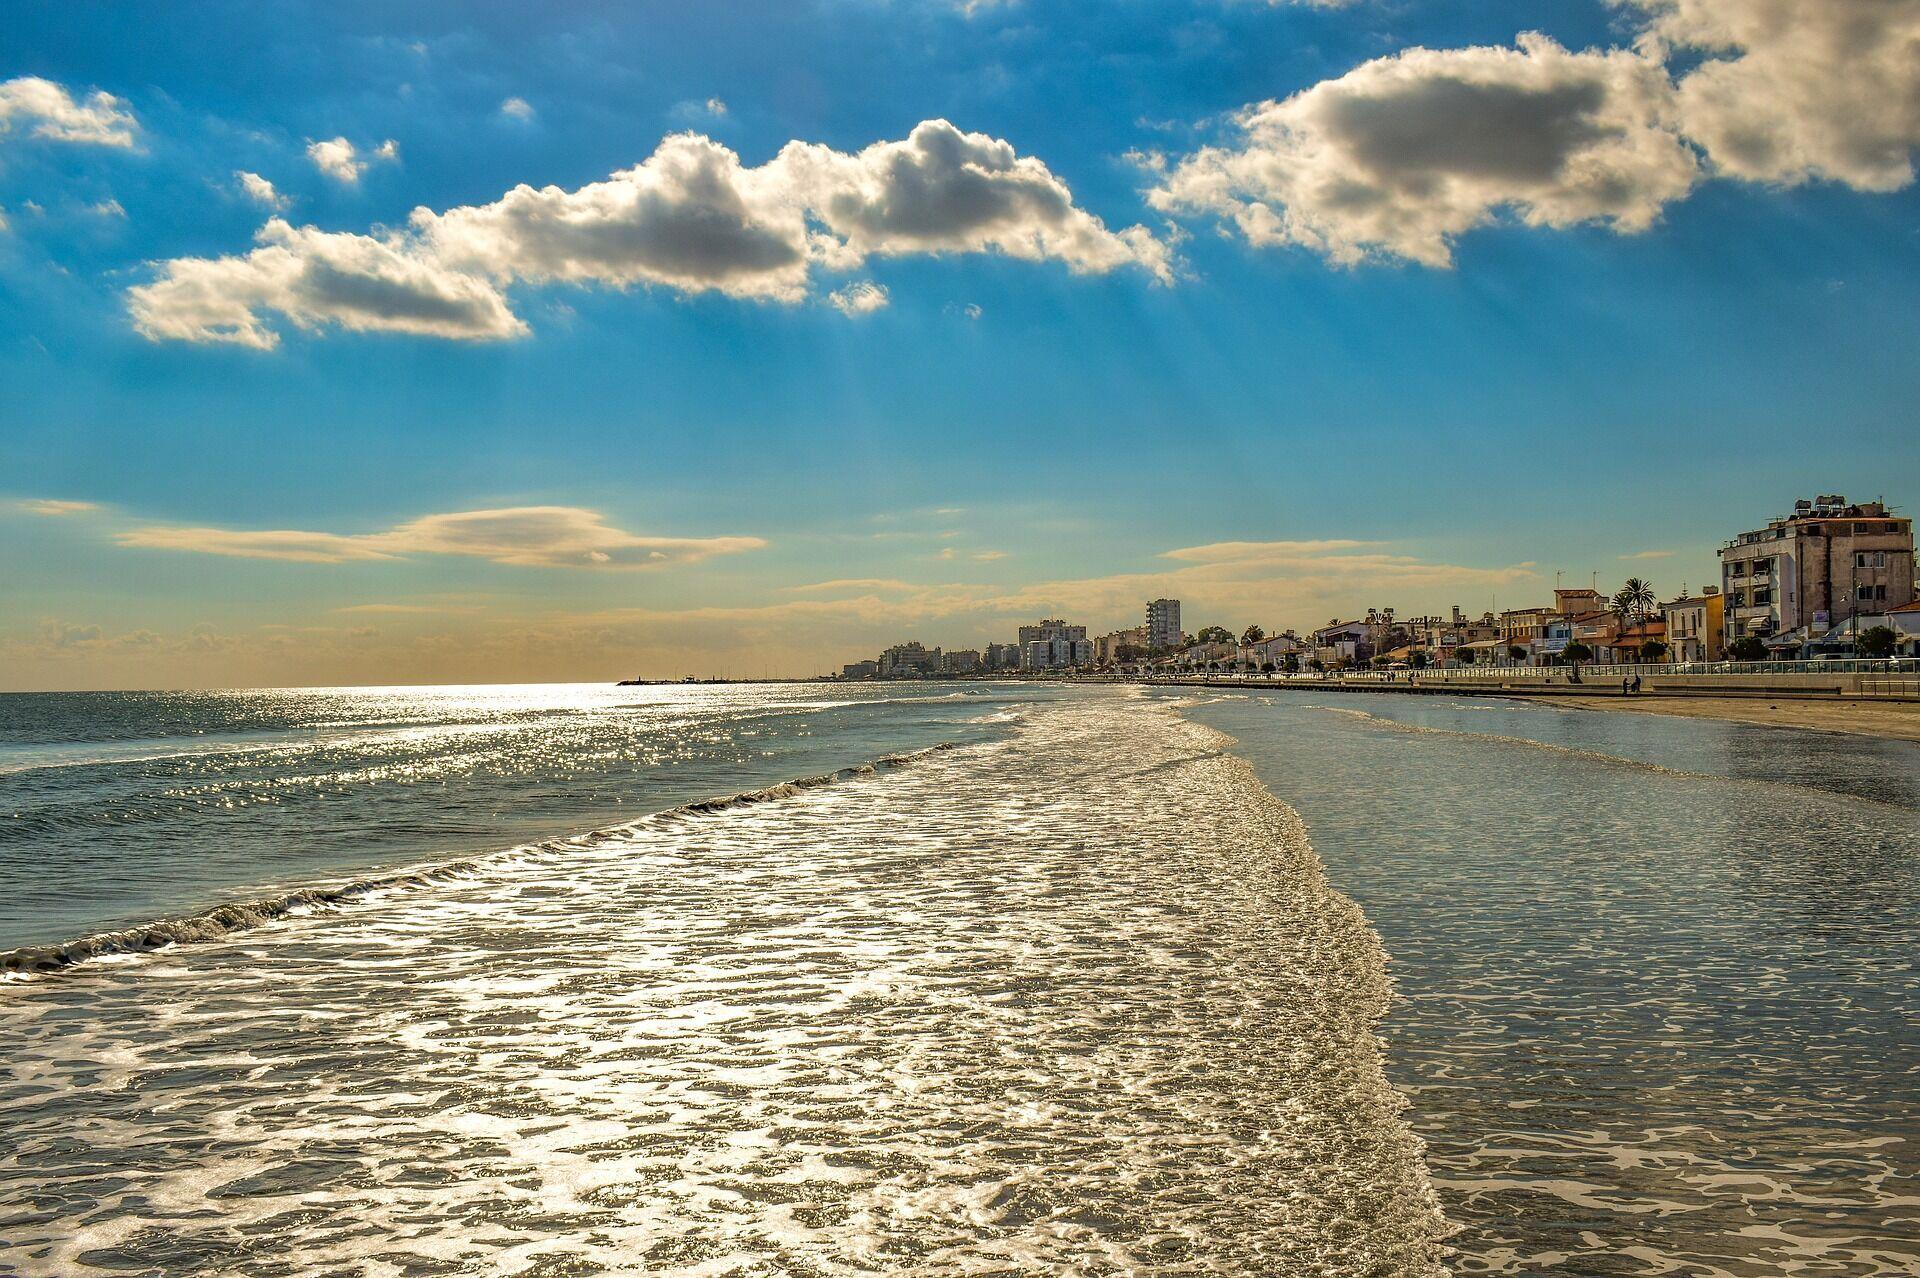 На Кипре в октябре температура воздуха снижается до +26 градусов